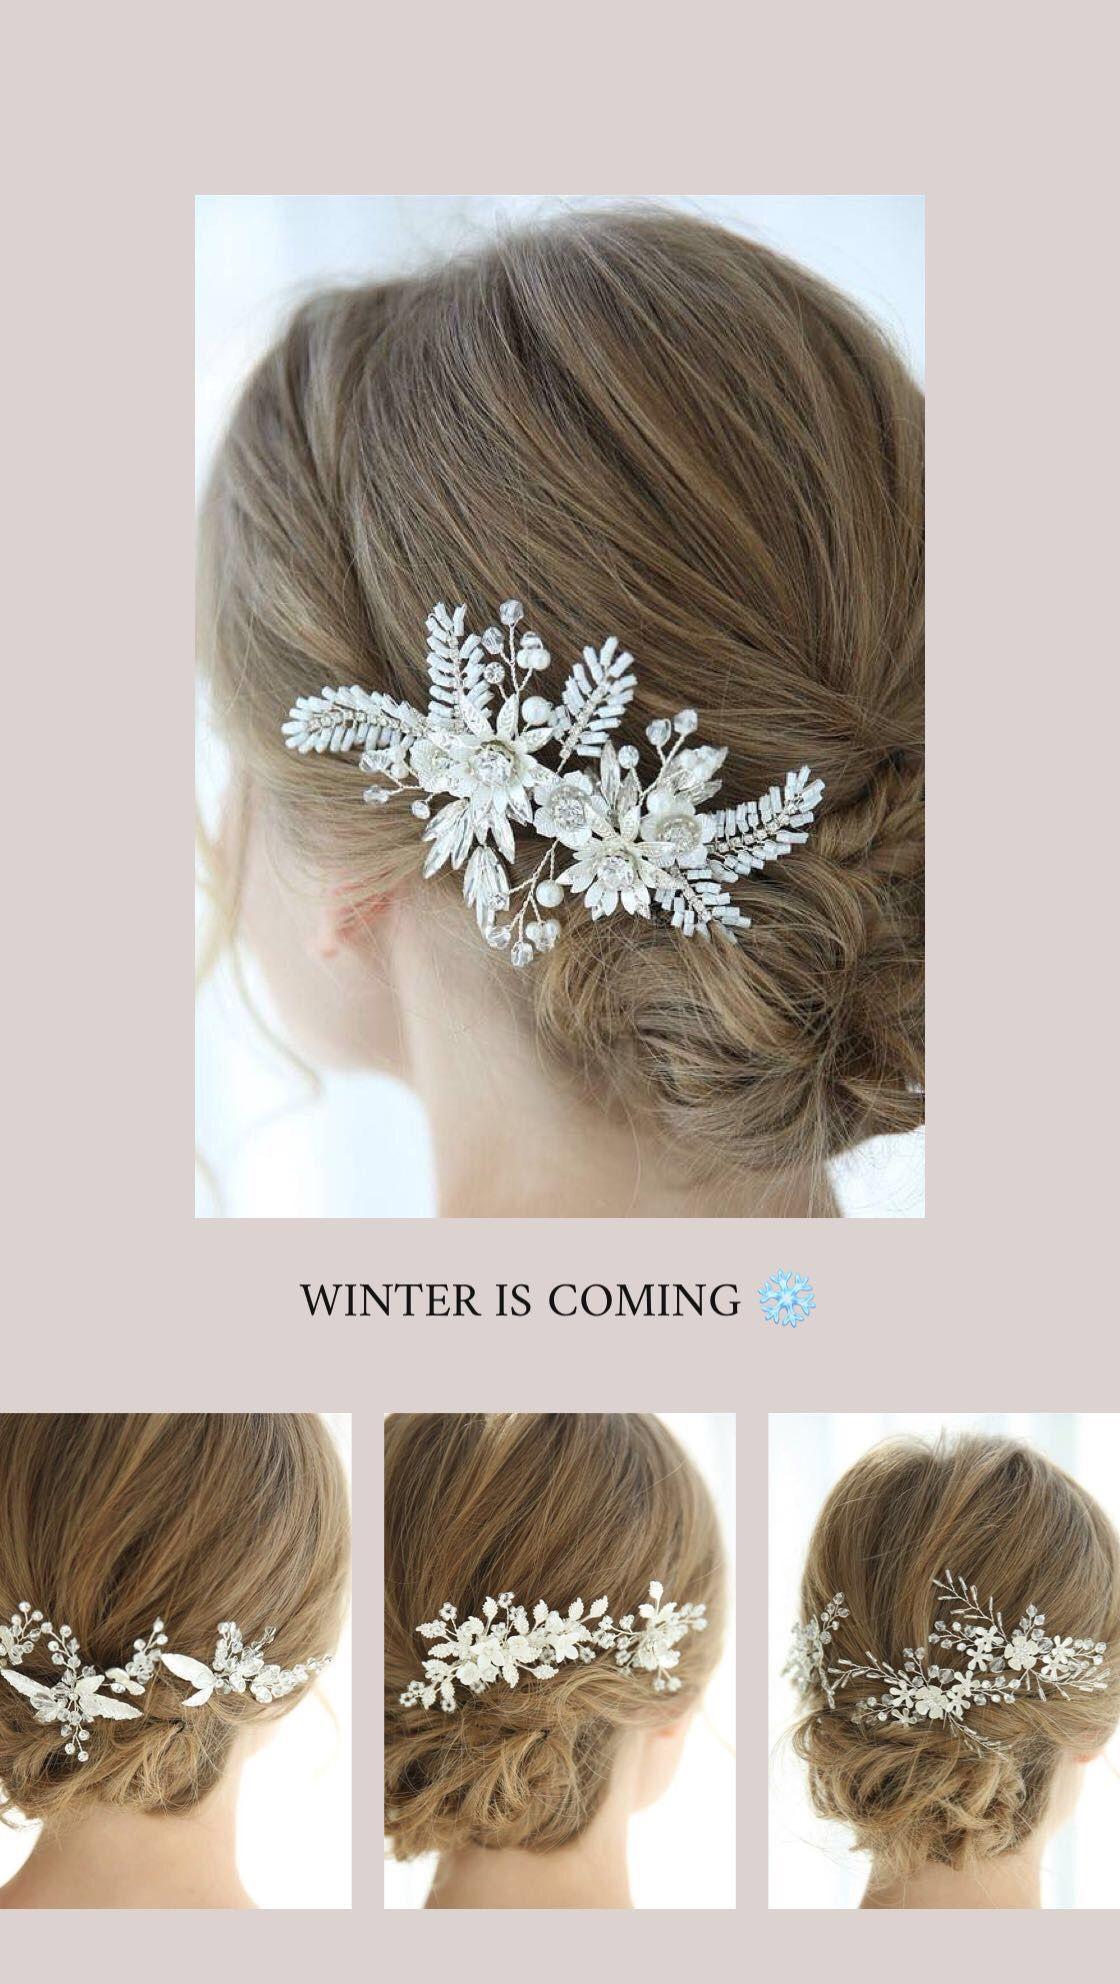 winter bride/winter wedding/icy white hair accessories